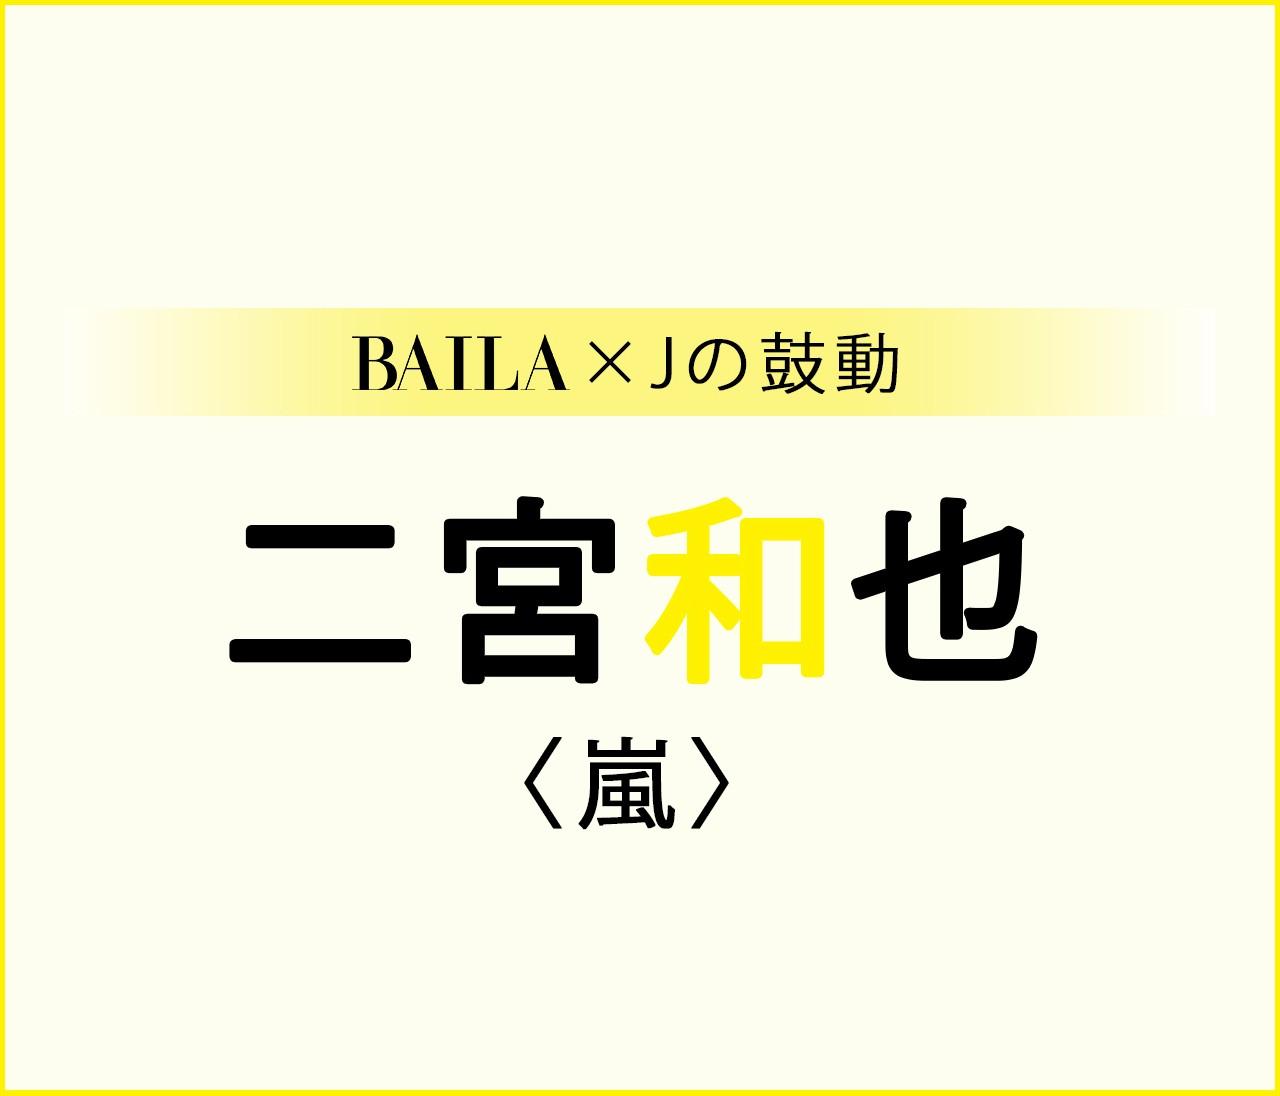 【嵐】二宮和也スペシャルインタビュー!【BAILA × Jの鼓動】